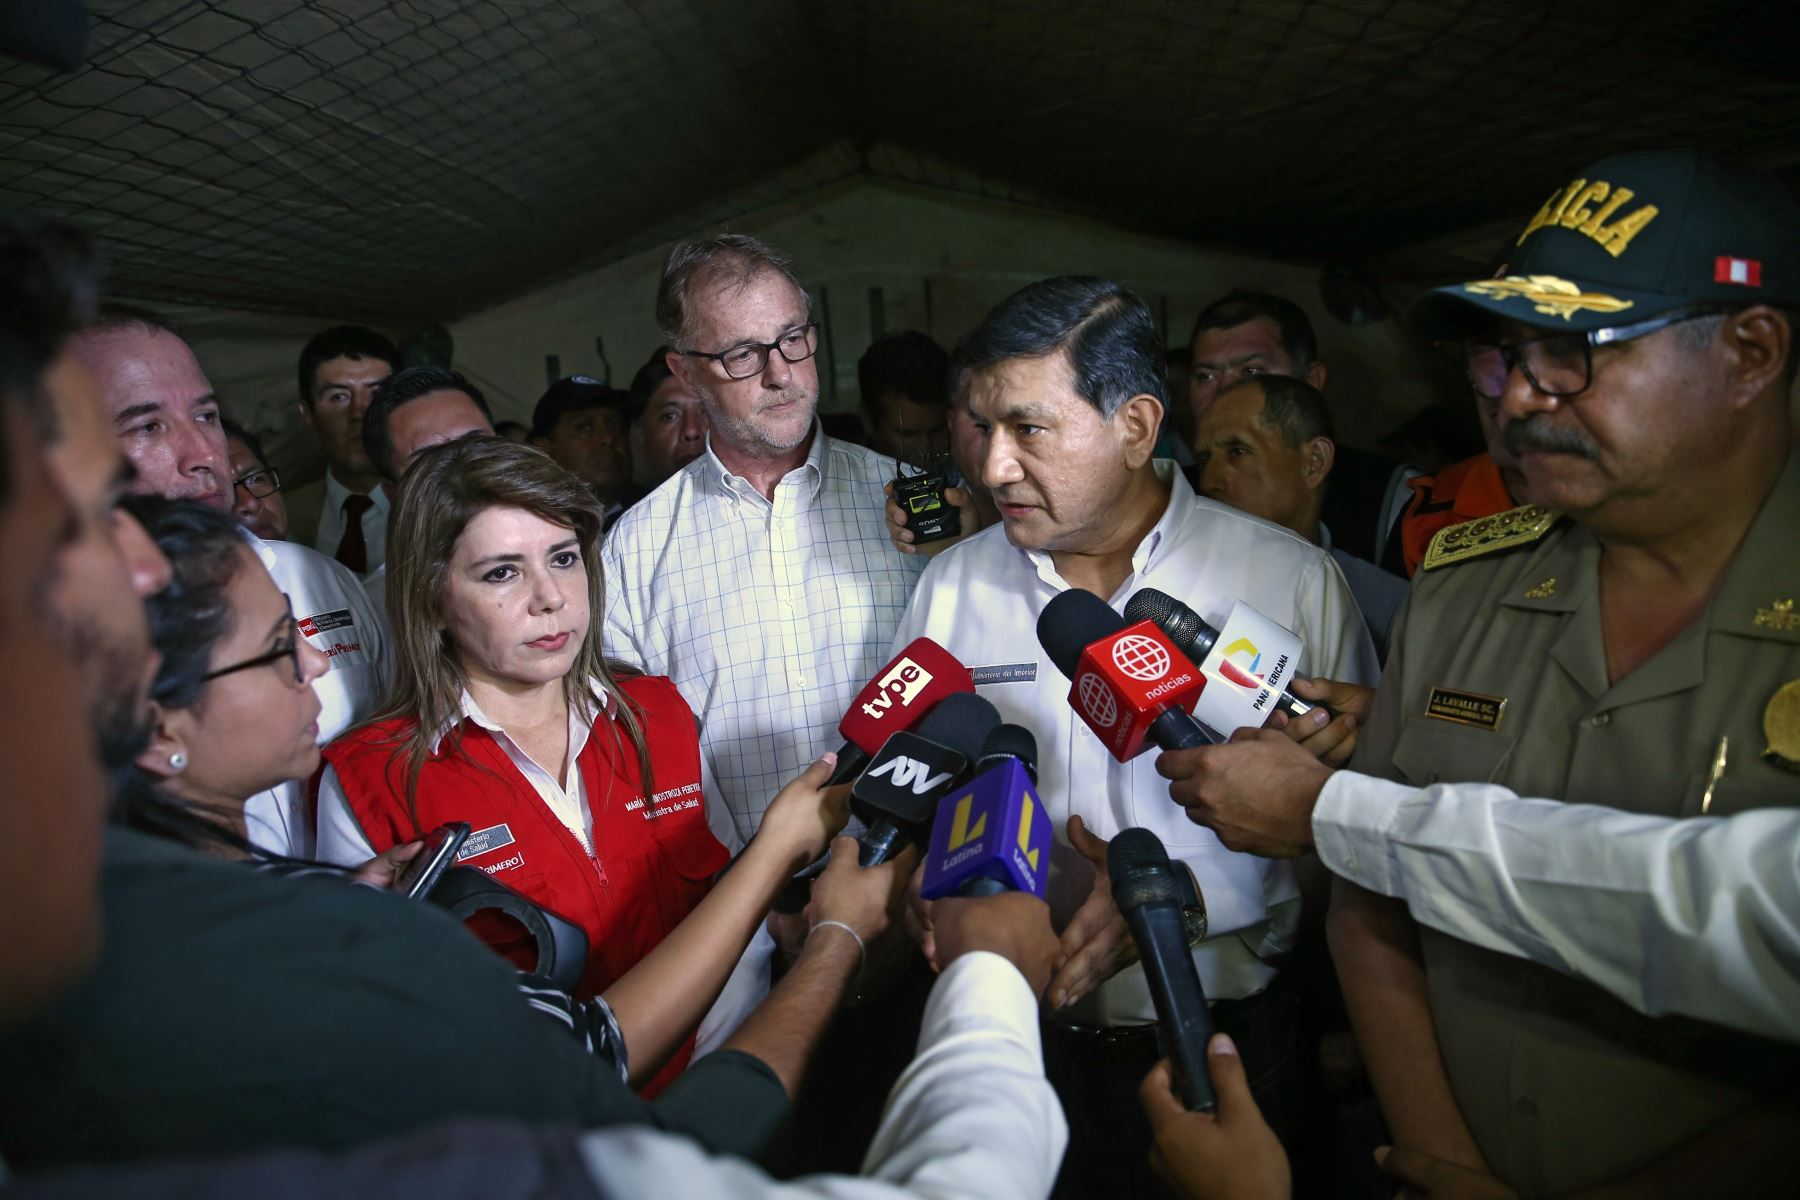 Ministra de Salud, María Elizabeth Hinostroza y Ministro del Interior, Carlos Moran llegan a la zona del incidente en Villa el Salvador para supervisar ayuda. Foto: ANDINA/Vidal Tarqui